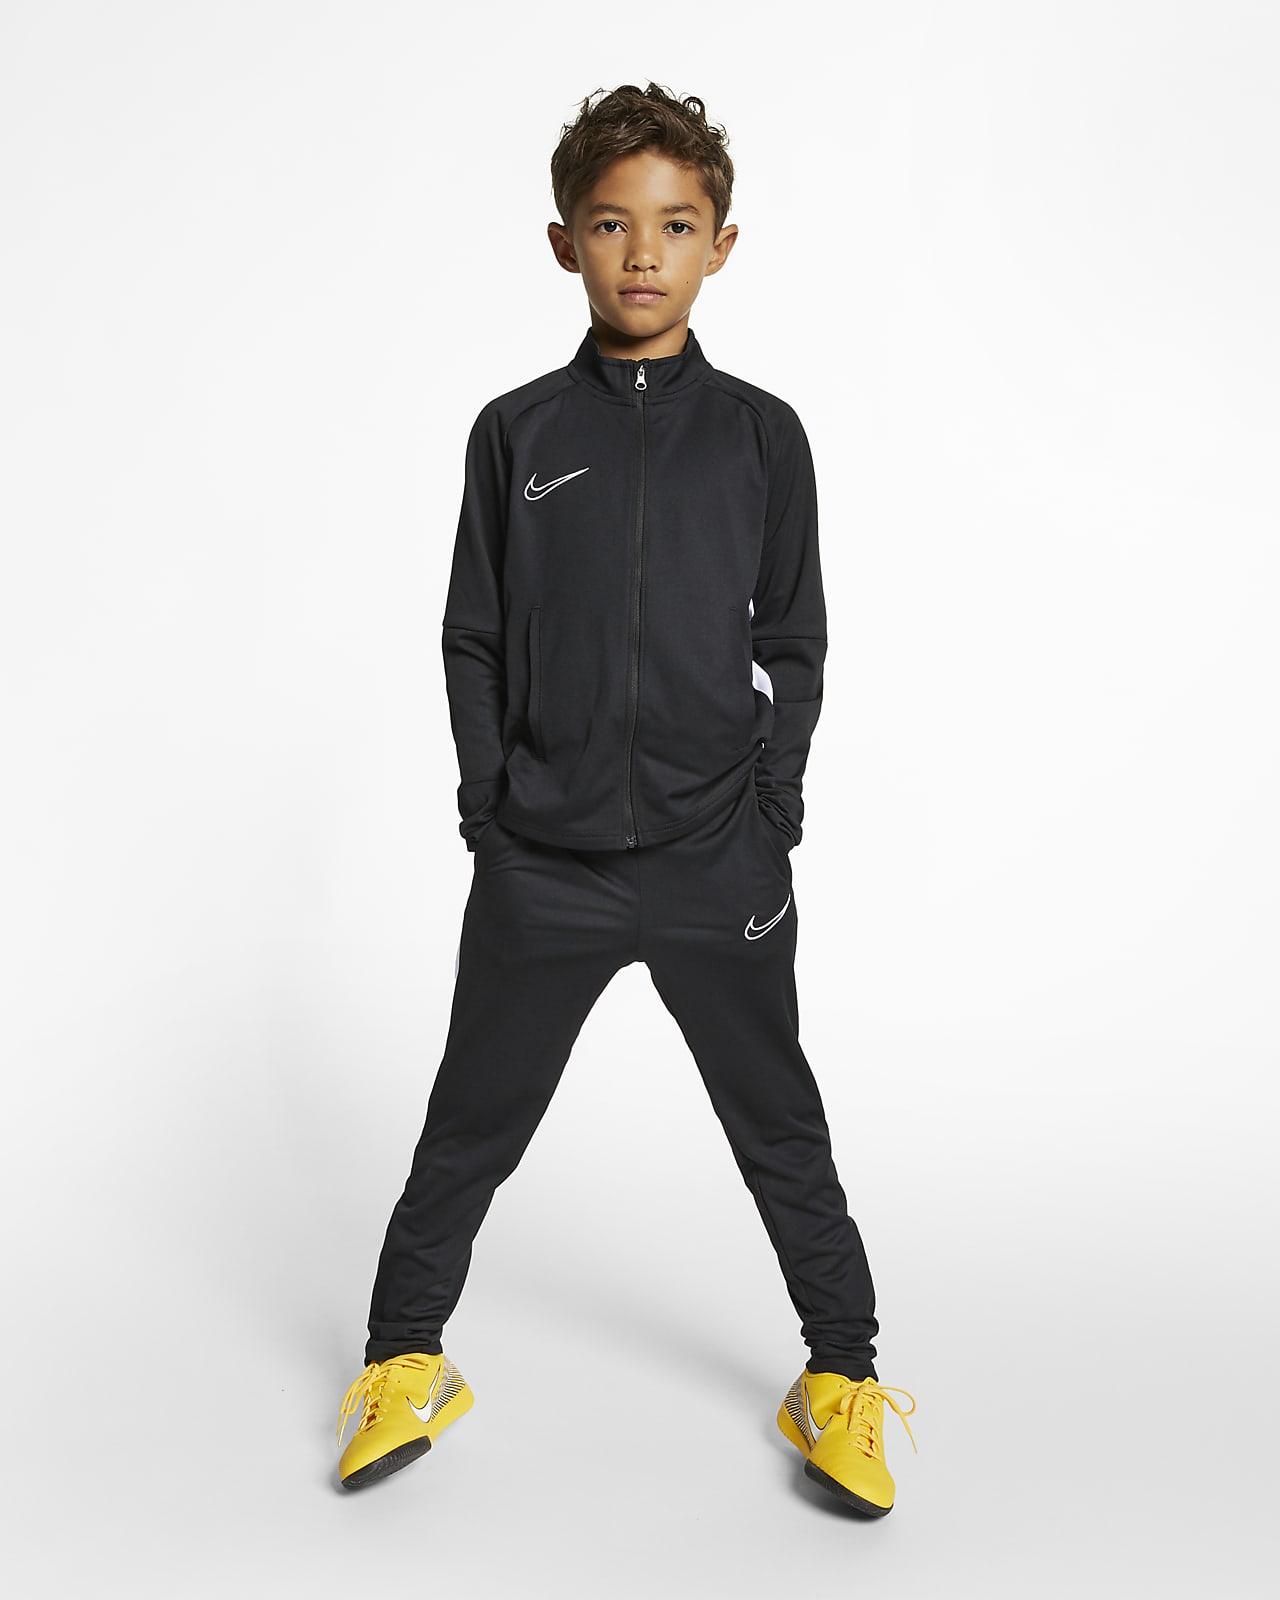 Fotbalová souprava Nike Dri-FIT Academy pro větší děti